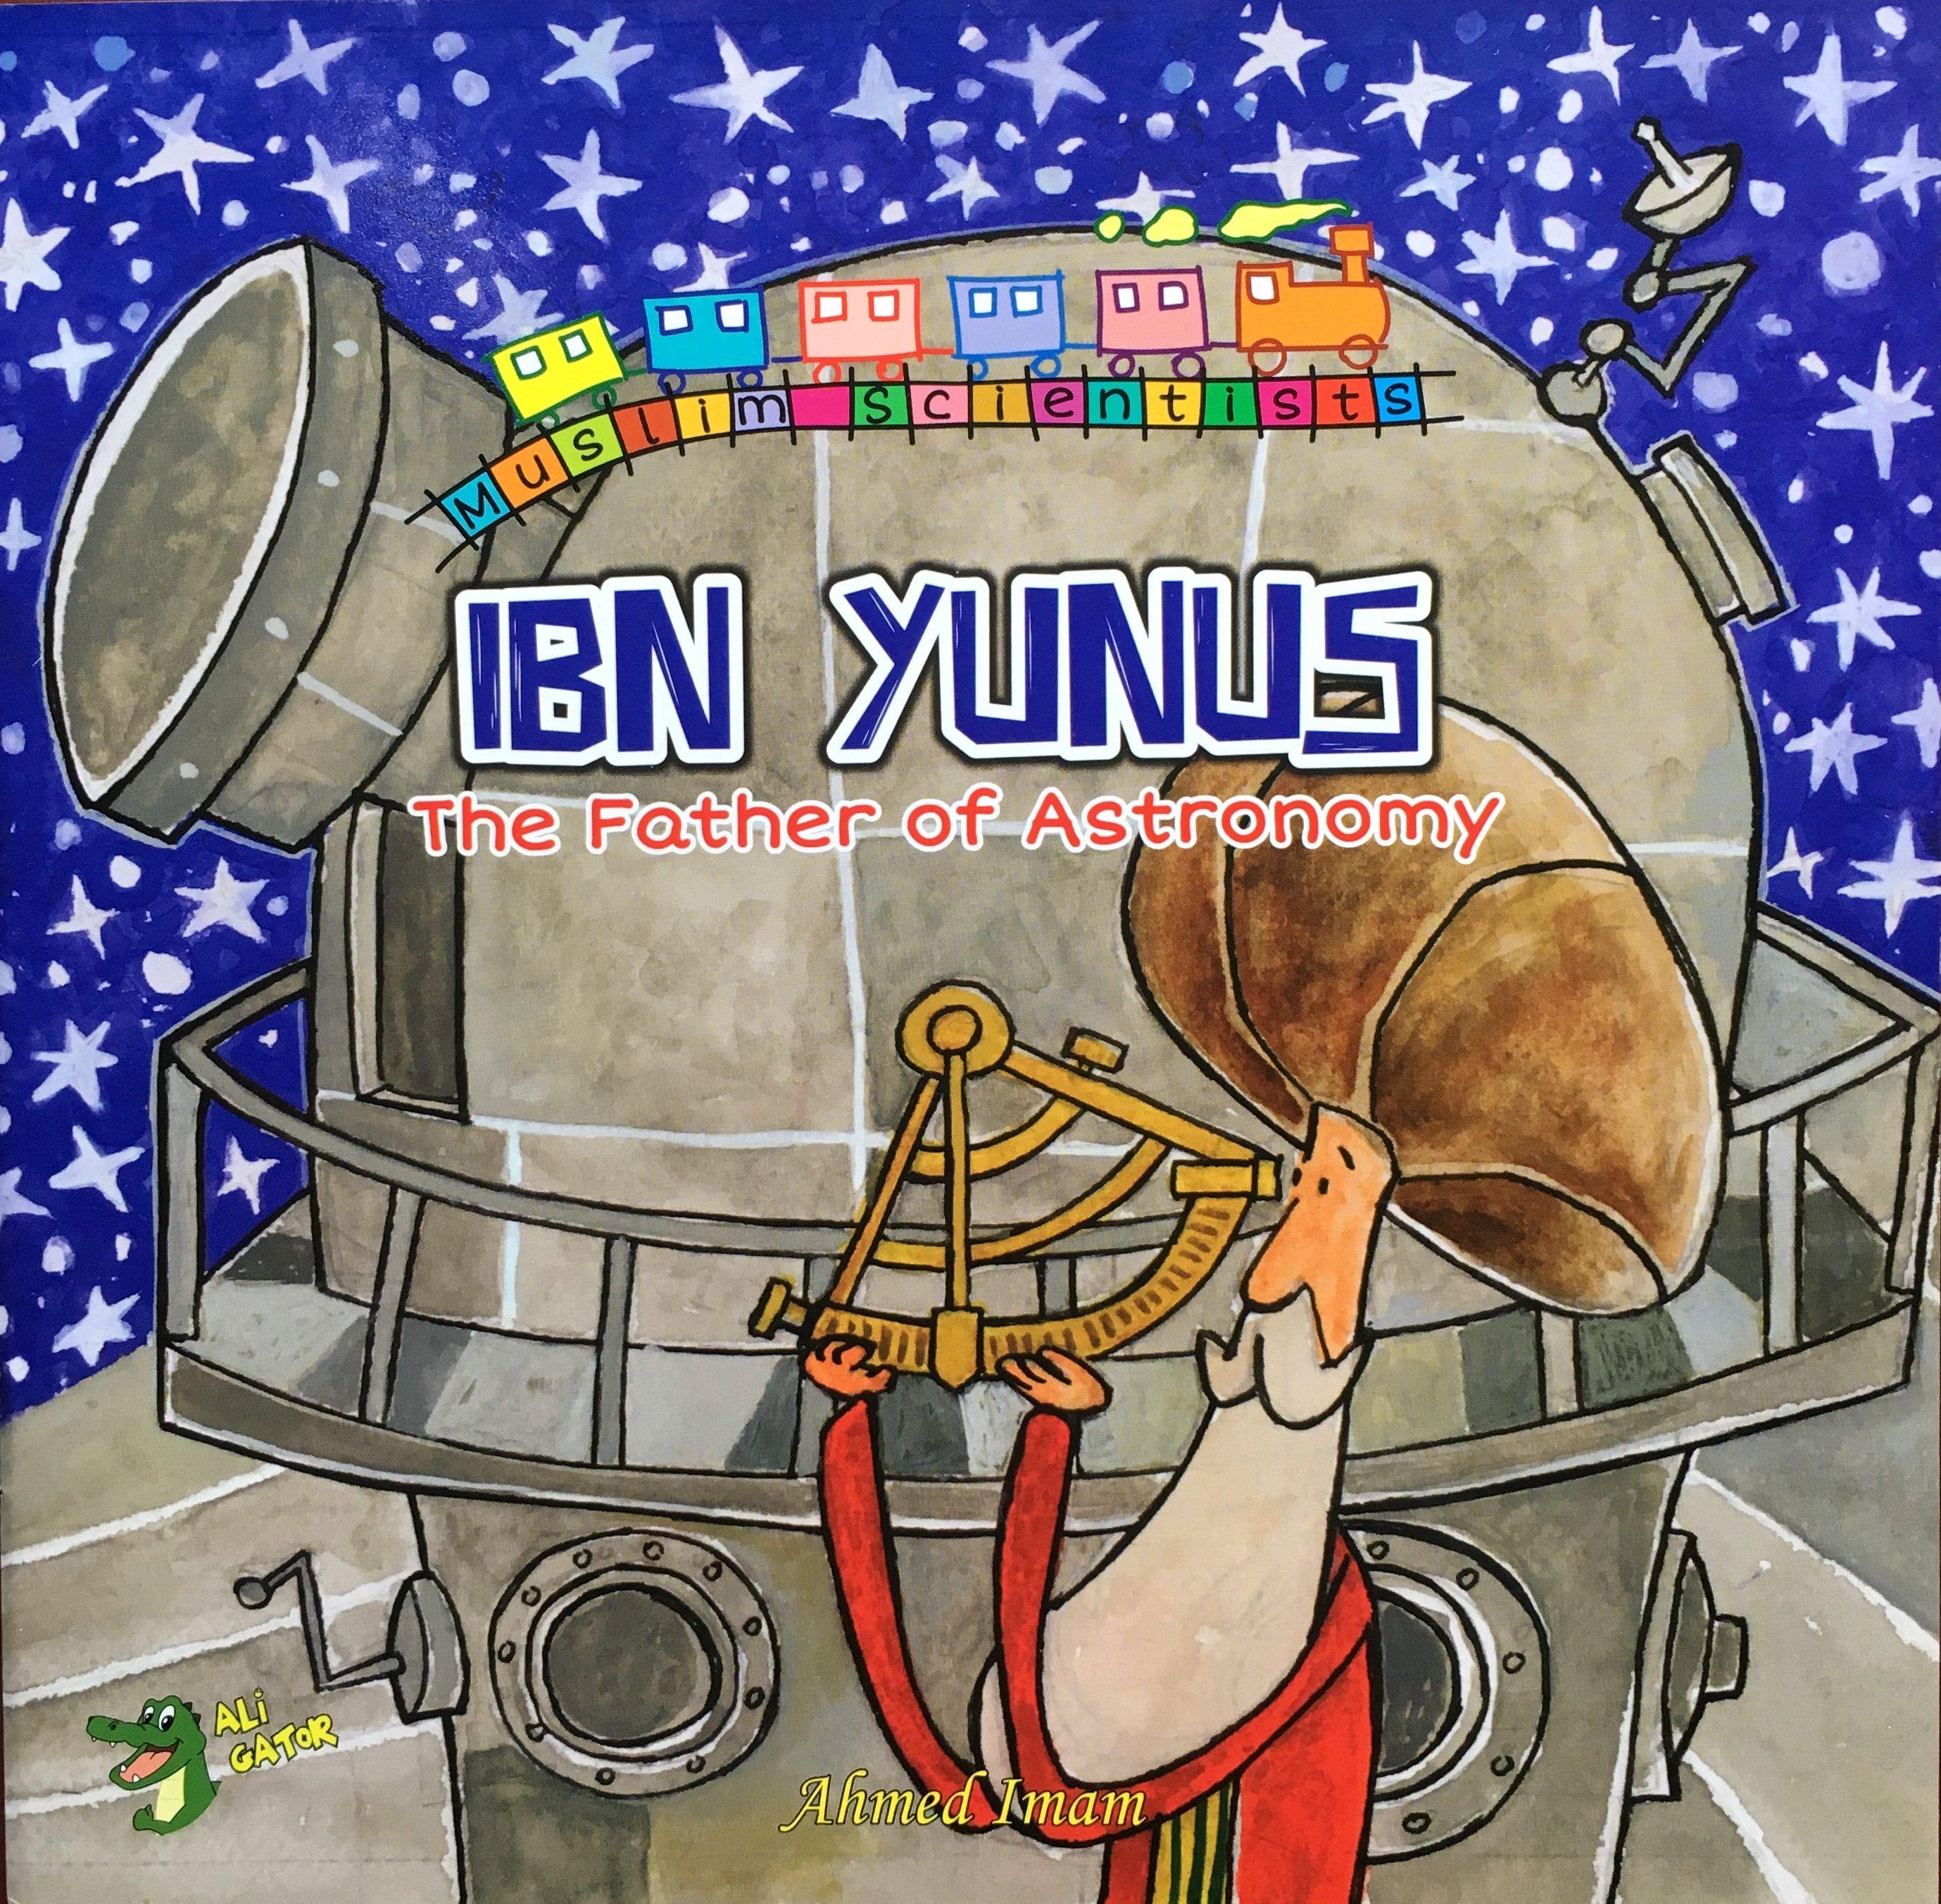 ibn yunus.jpg